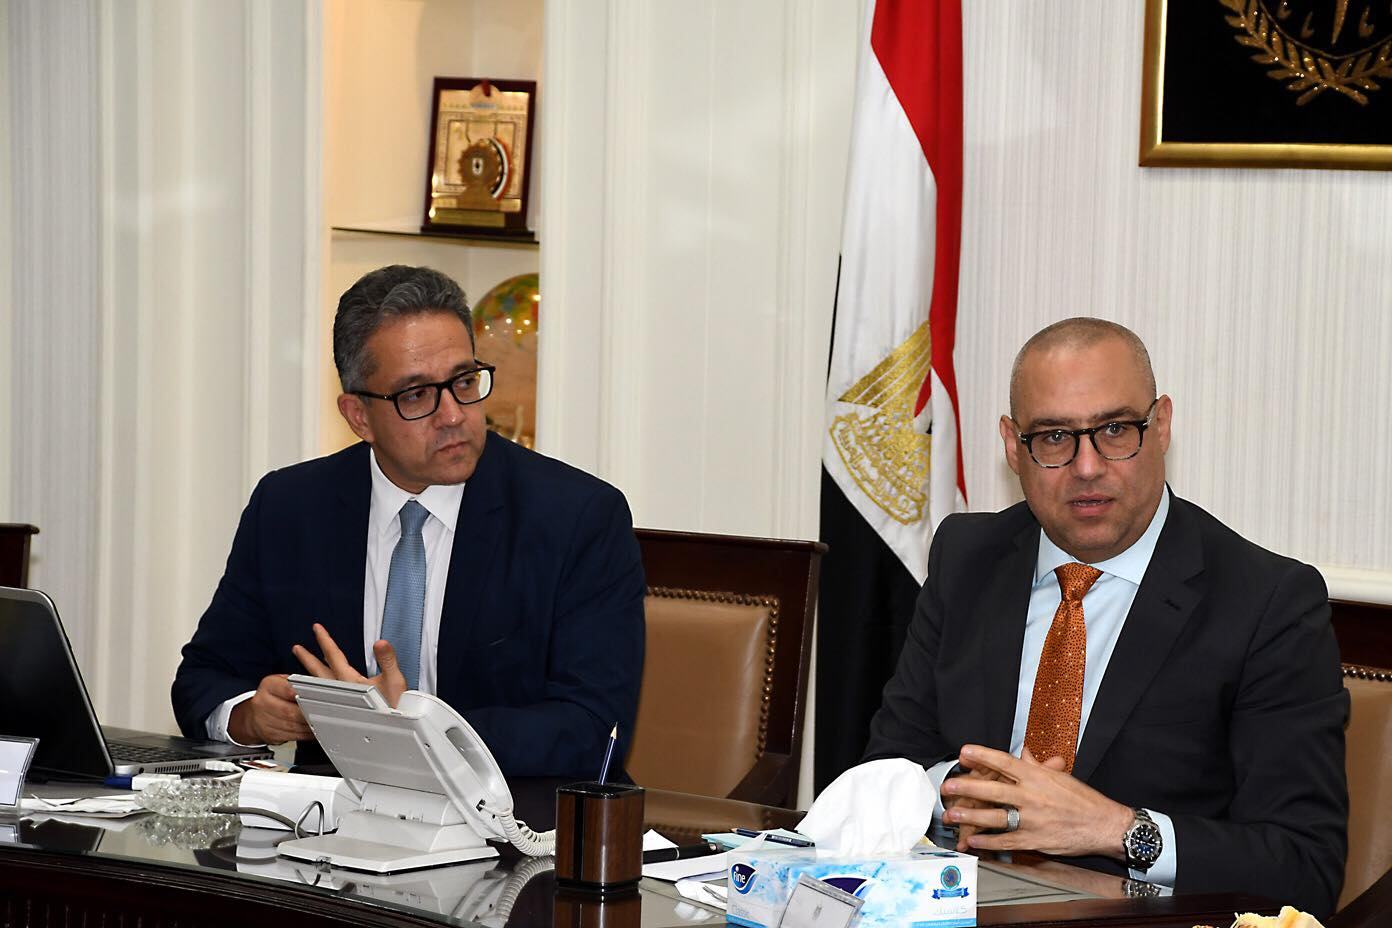 صور | وزيرا الإسكان والآثار يعرضان الفرص الاستثمارية بالقاهرة التاريخية على المستثمرين